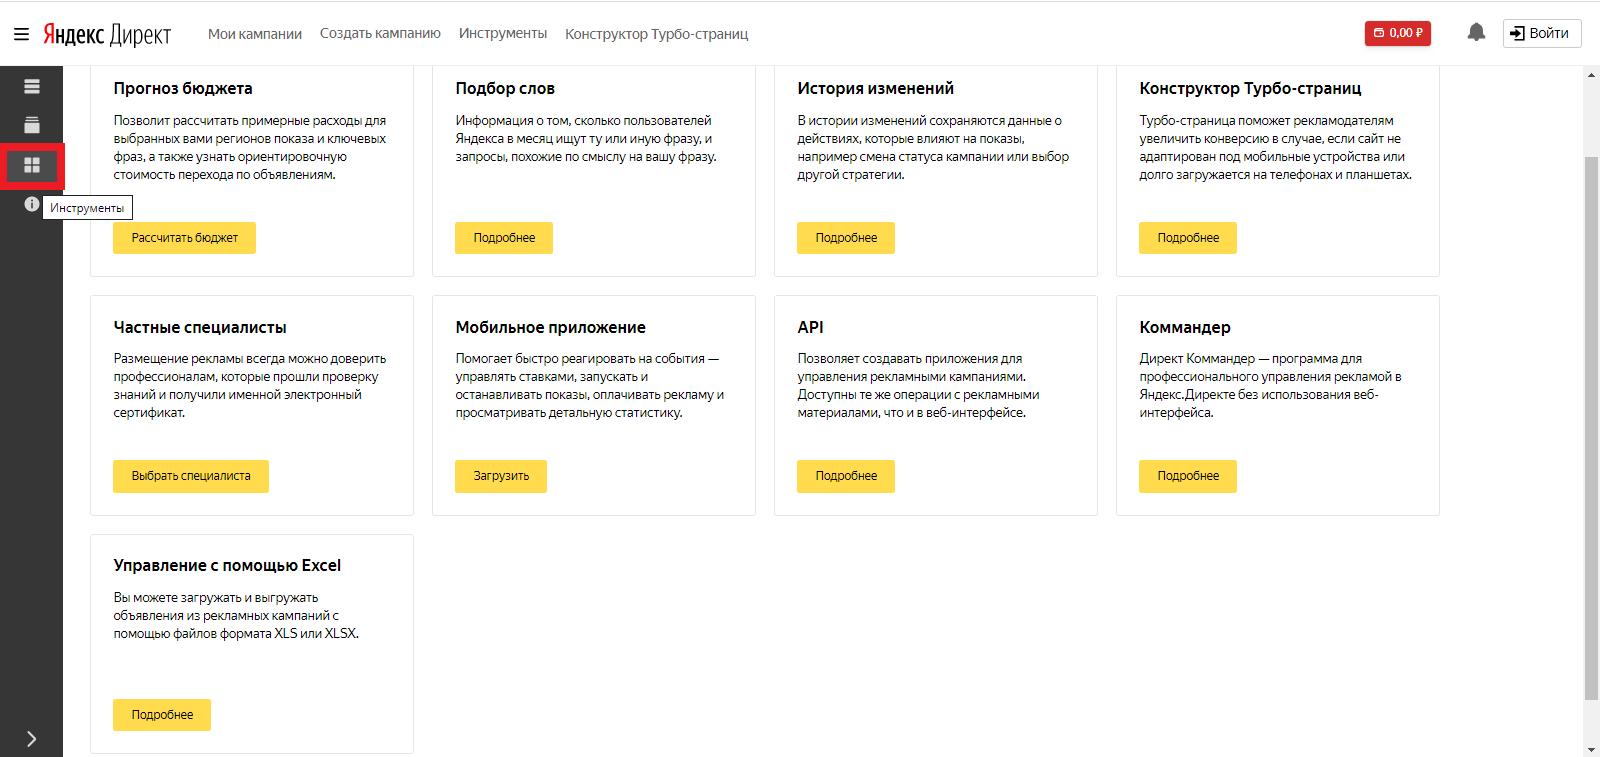 Новый интерфейс Яндекс.Директ – инструменты